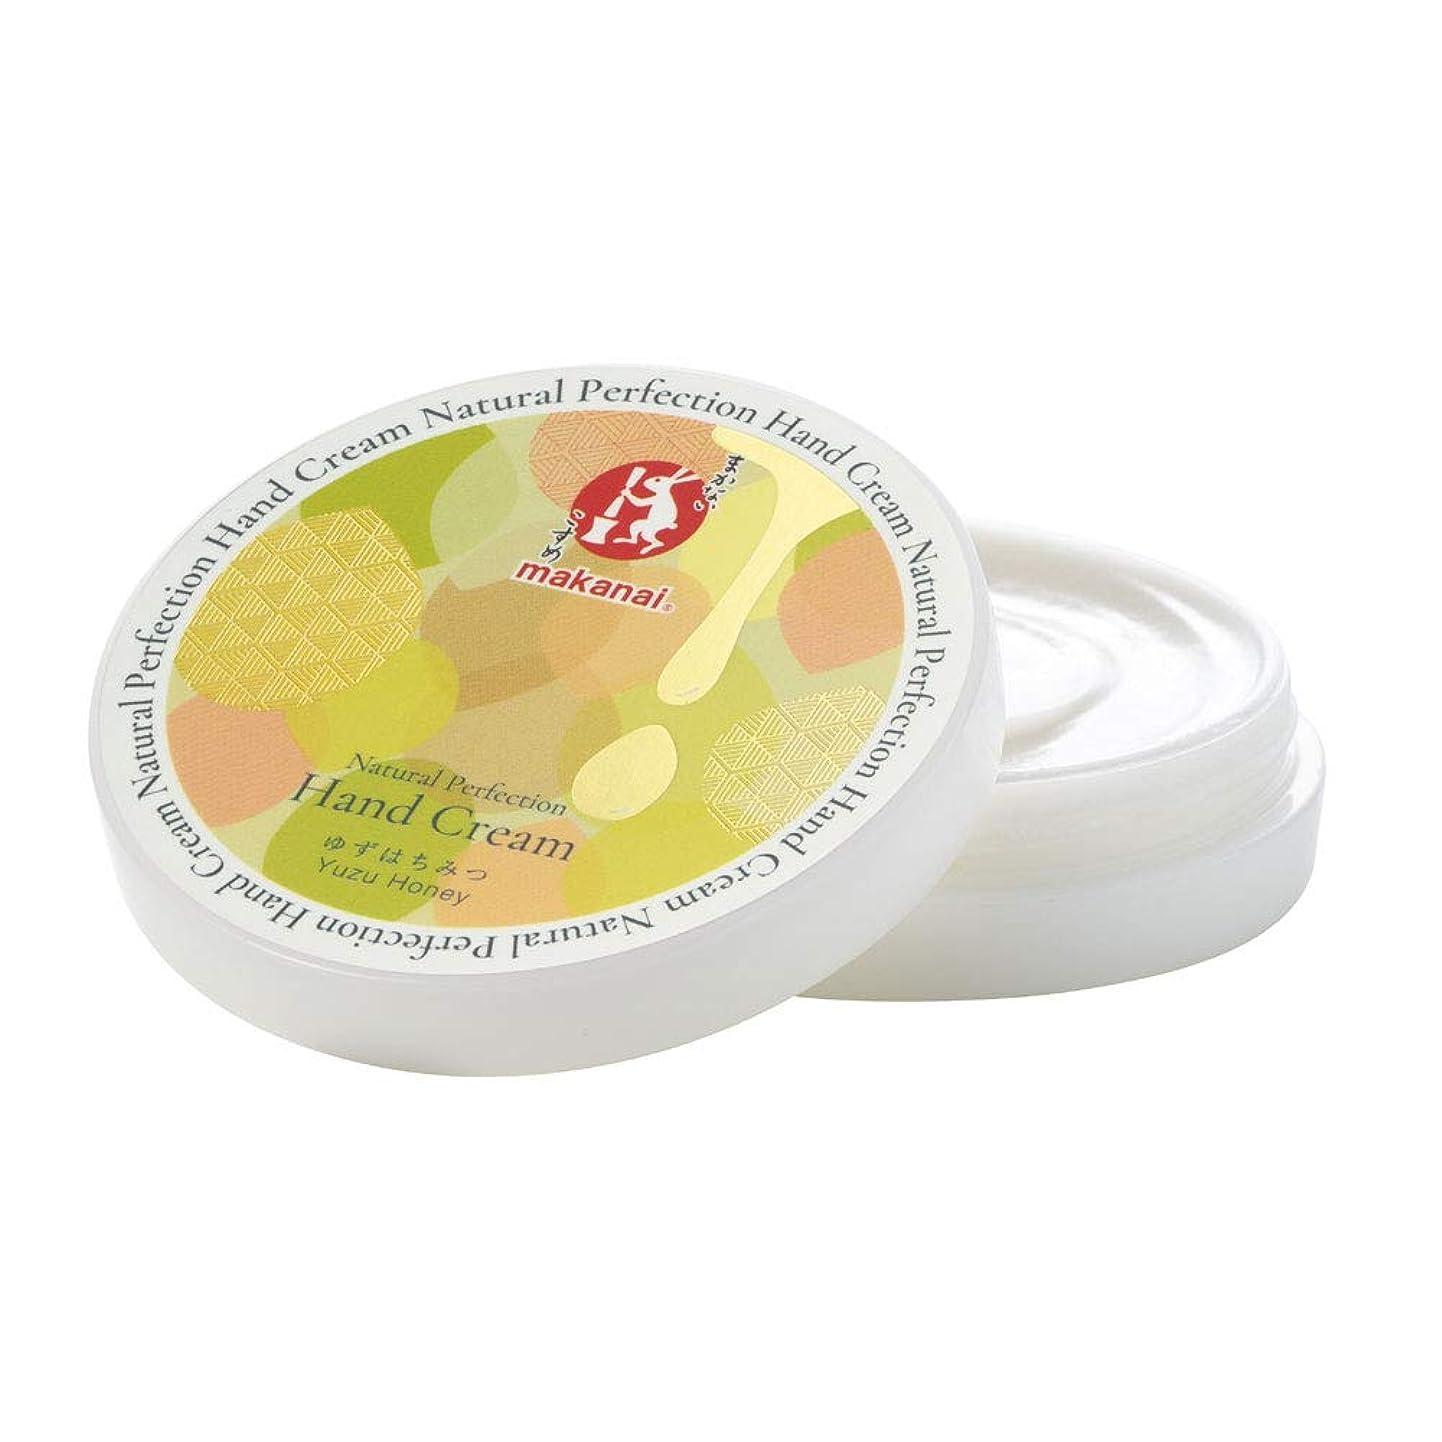 天皇プロジェクターワンダーまかないこすめ 絶妙レシピのハンドクリーム(ゆずはちみつ) 30g